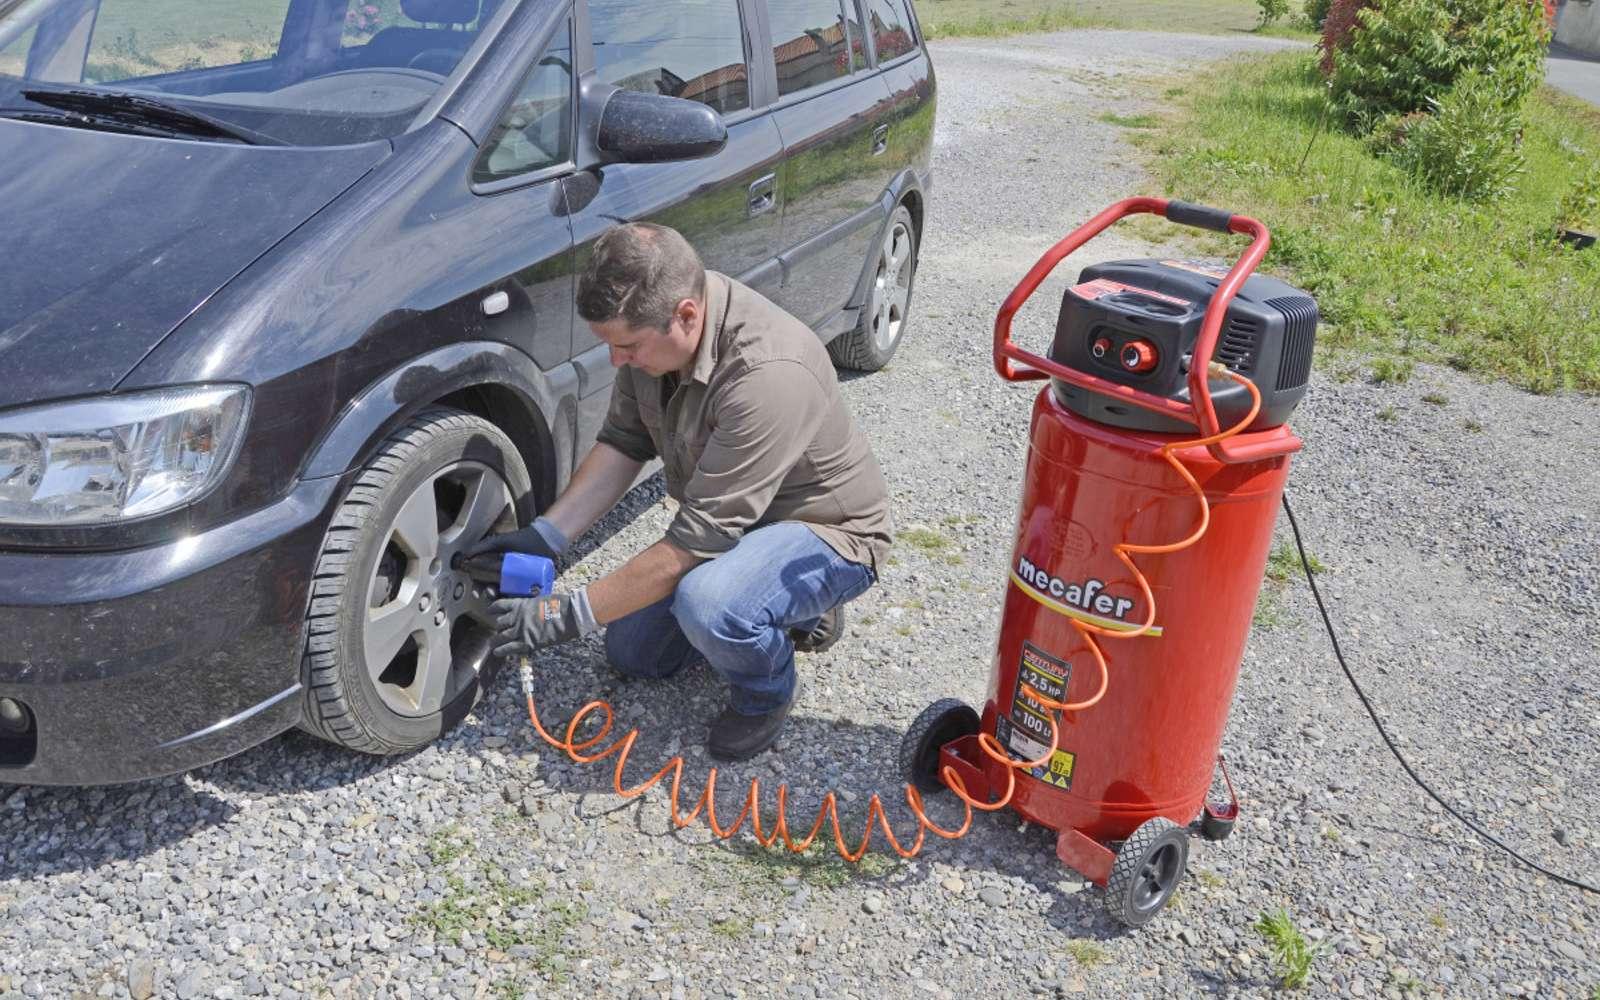 Le compresseur d'air peut servir au gonflage des pneumatiques. © DR